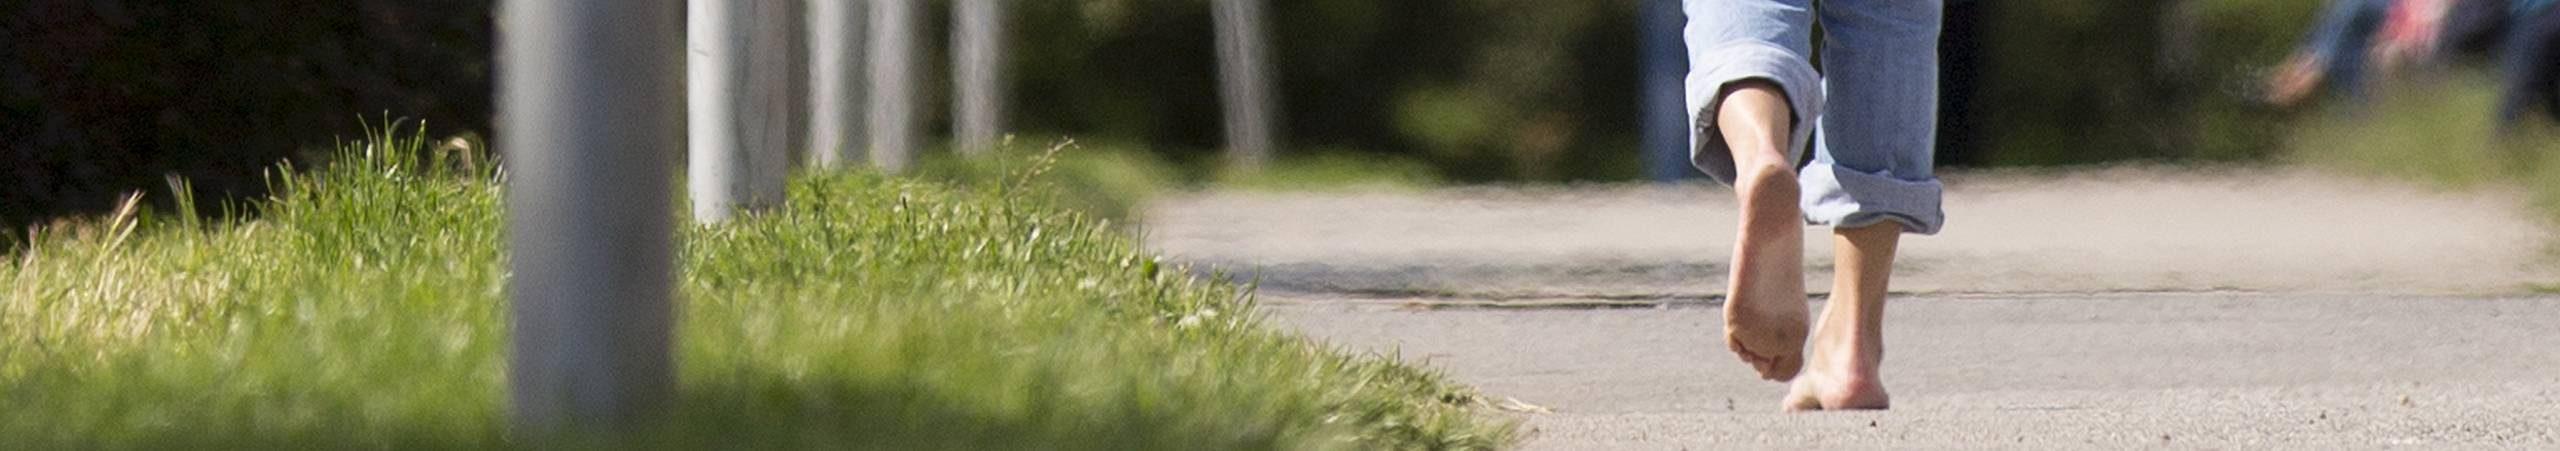 Eine Frau geht barfuß durch einen Wiener Park. Foto von Sebastian Philipp